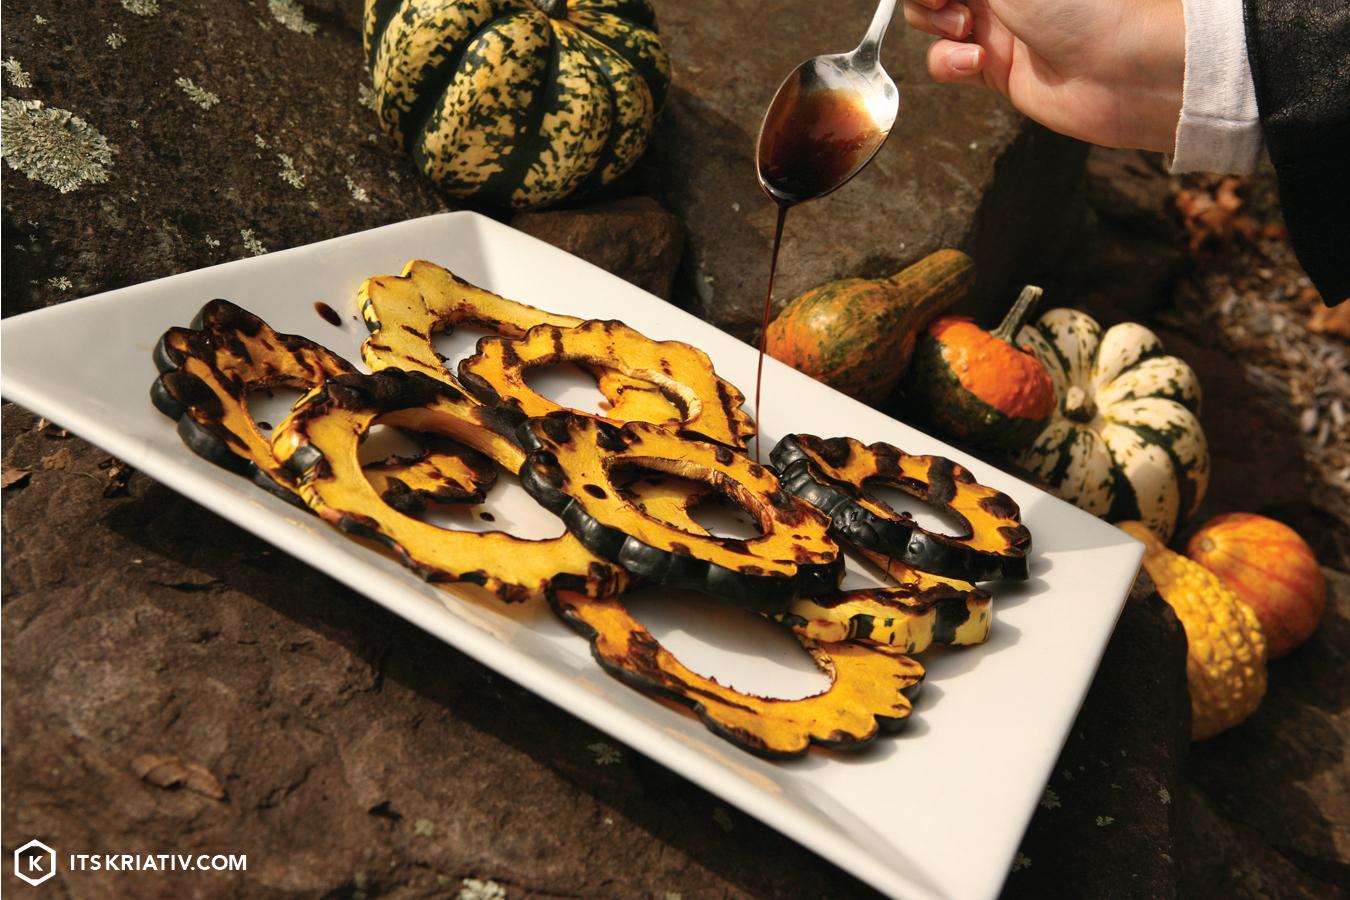 13_Nov_Food-Squash-Rings-04.jpg